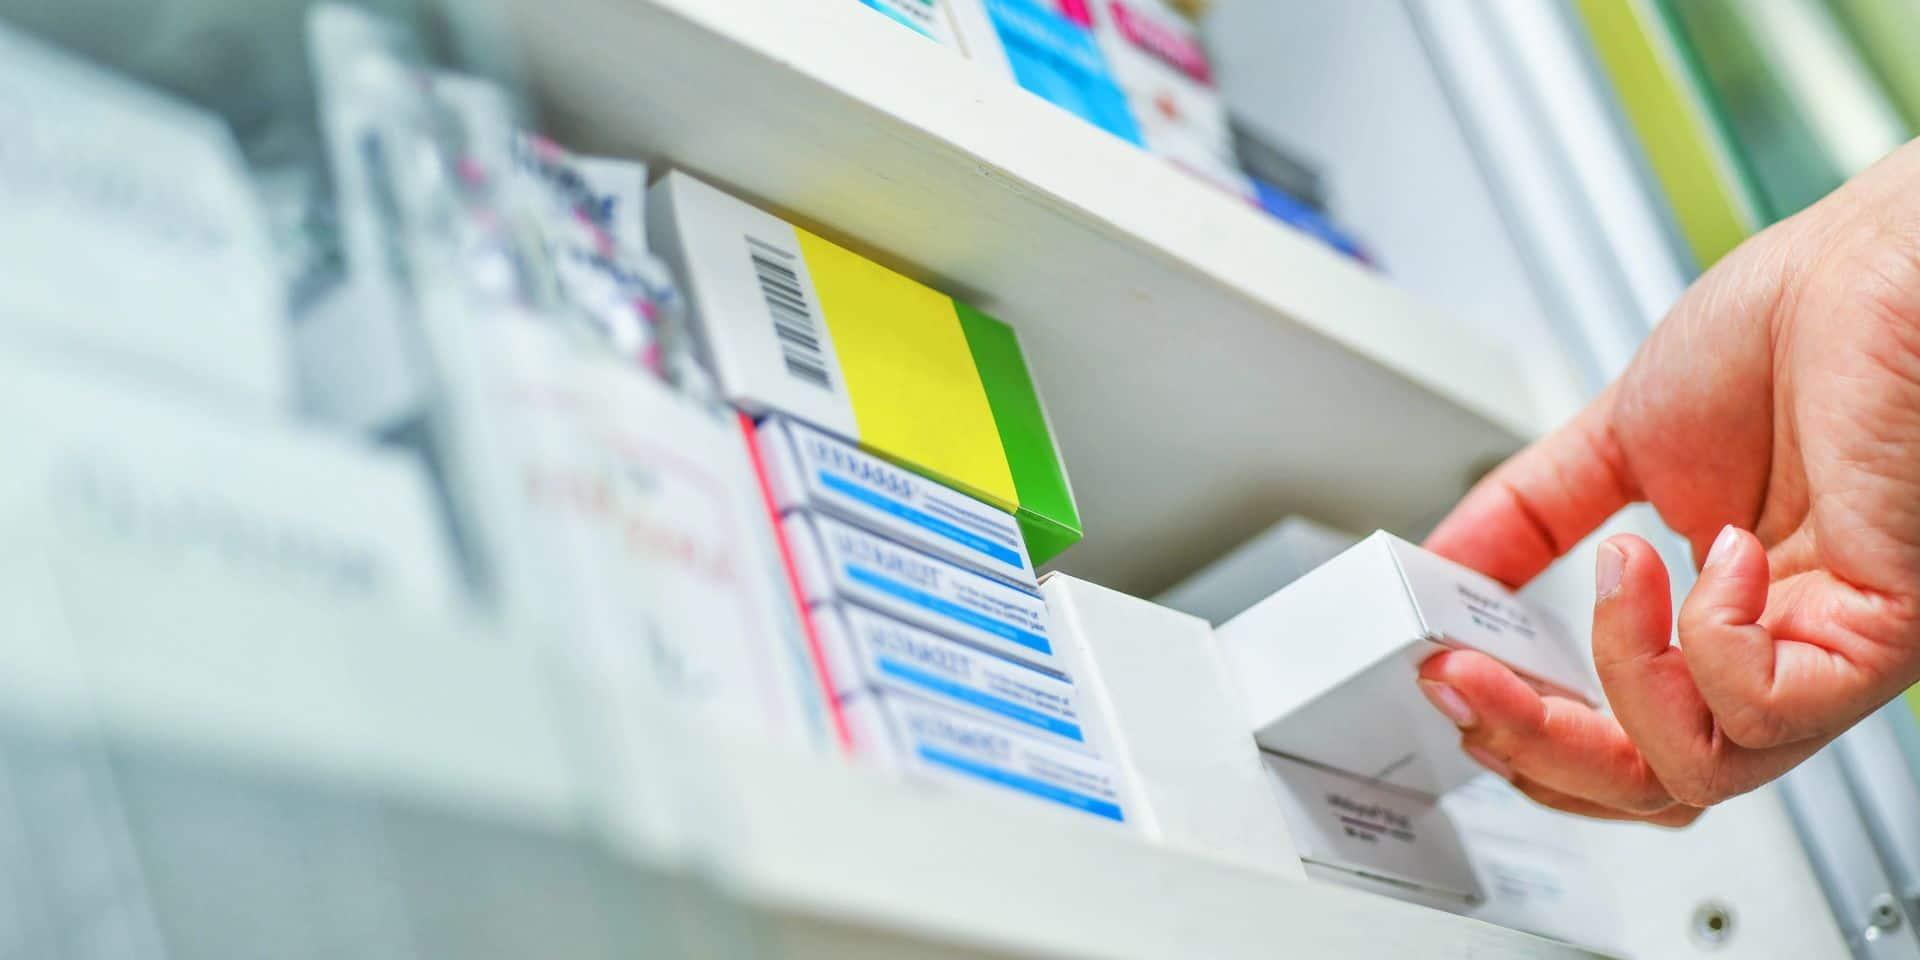 Le tocilizumab, un nouveau médicament pour les patients gravement atteints par le Covid-19